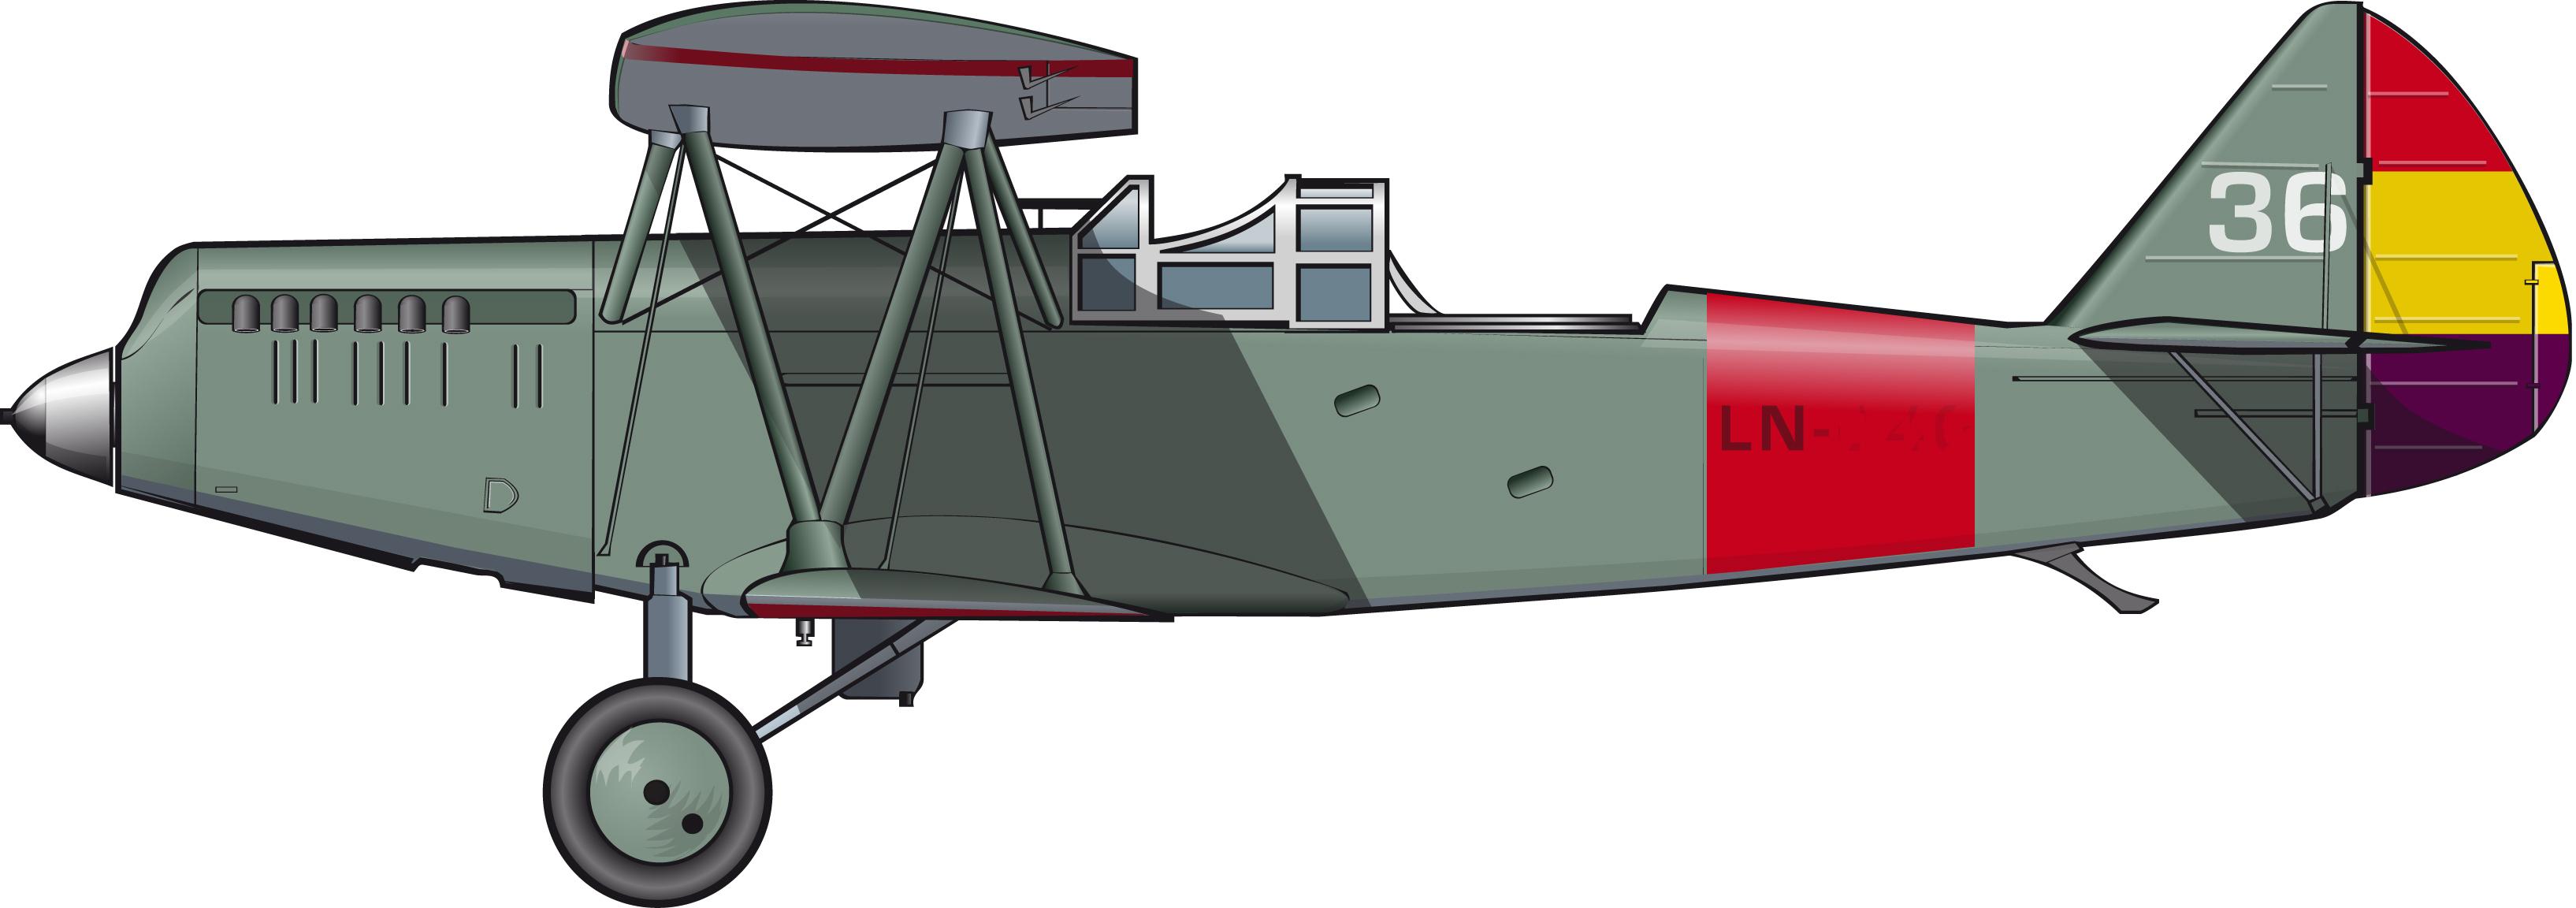 polikarpovrzfare1937